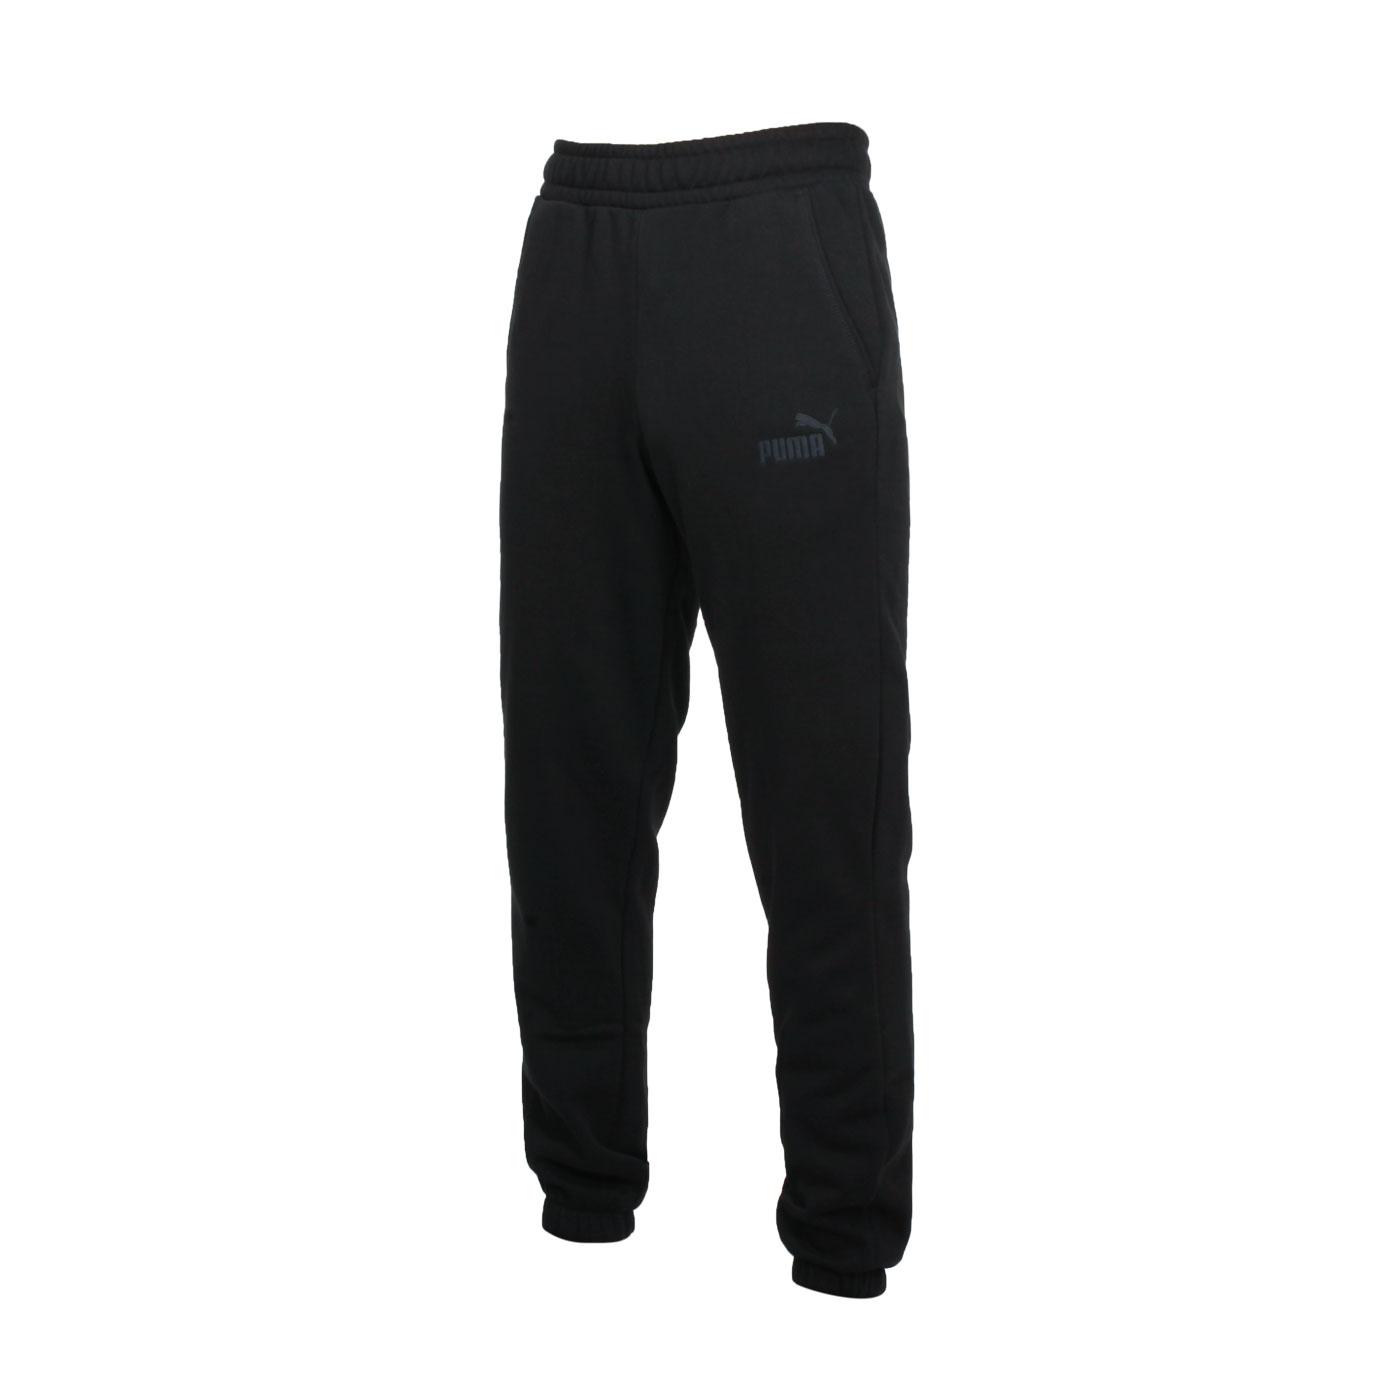 PUMA 男款基本系列ESS+束口長褲 58943801